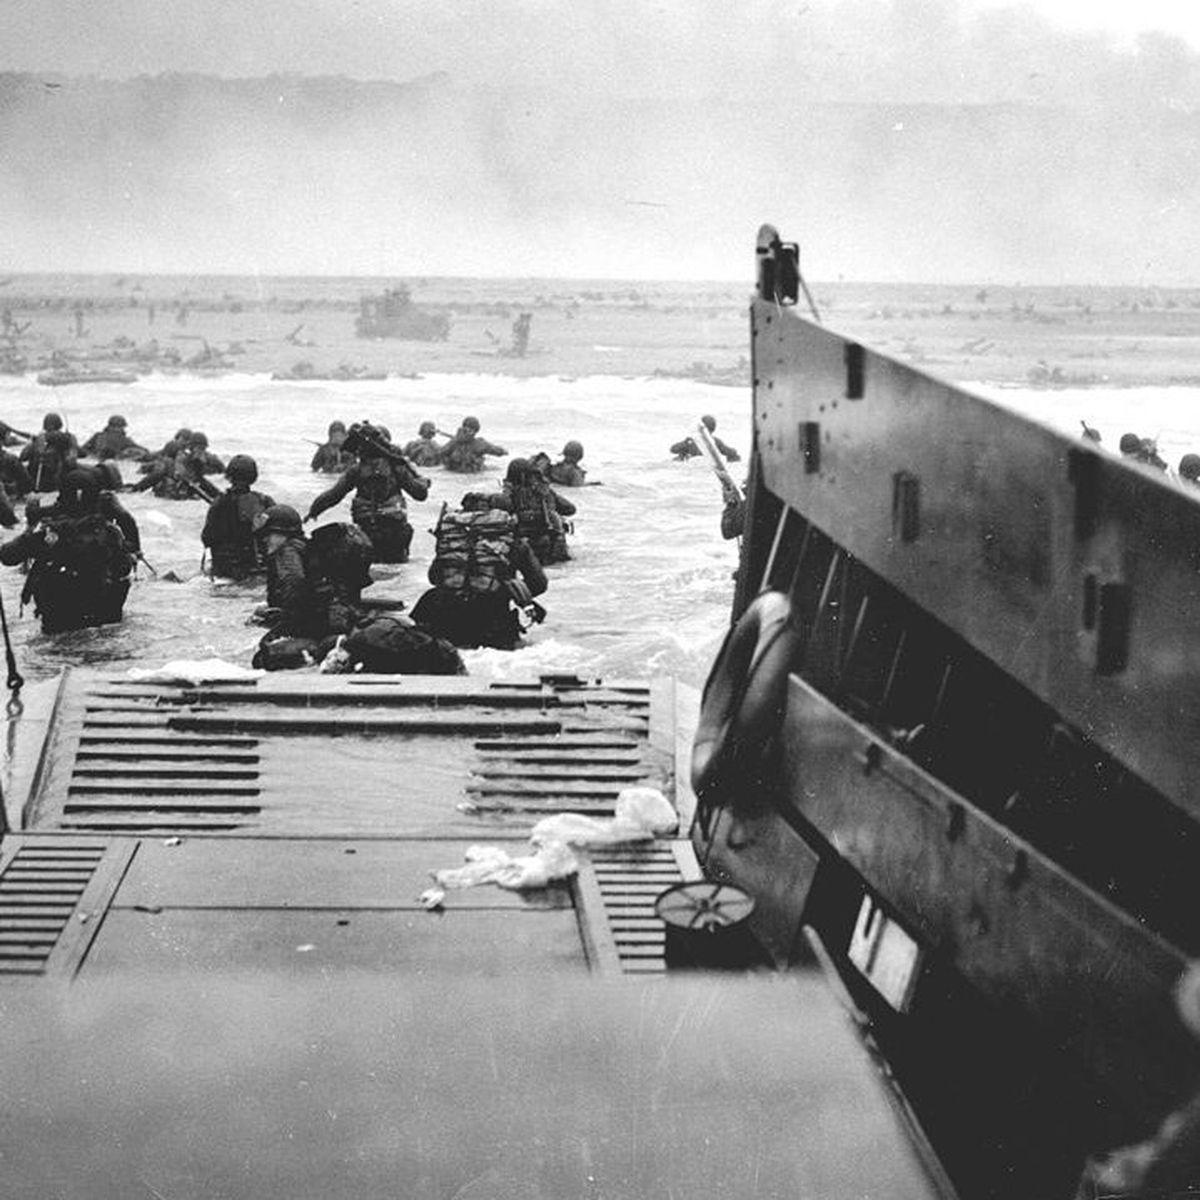 Le Debarquement En 10 Questions Quels Sont Les Noms De Code A Connaitre Pour Comprendre La Bataille De Normandie